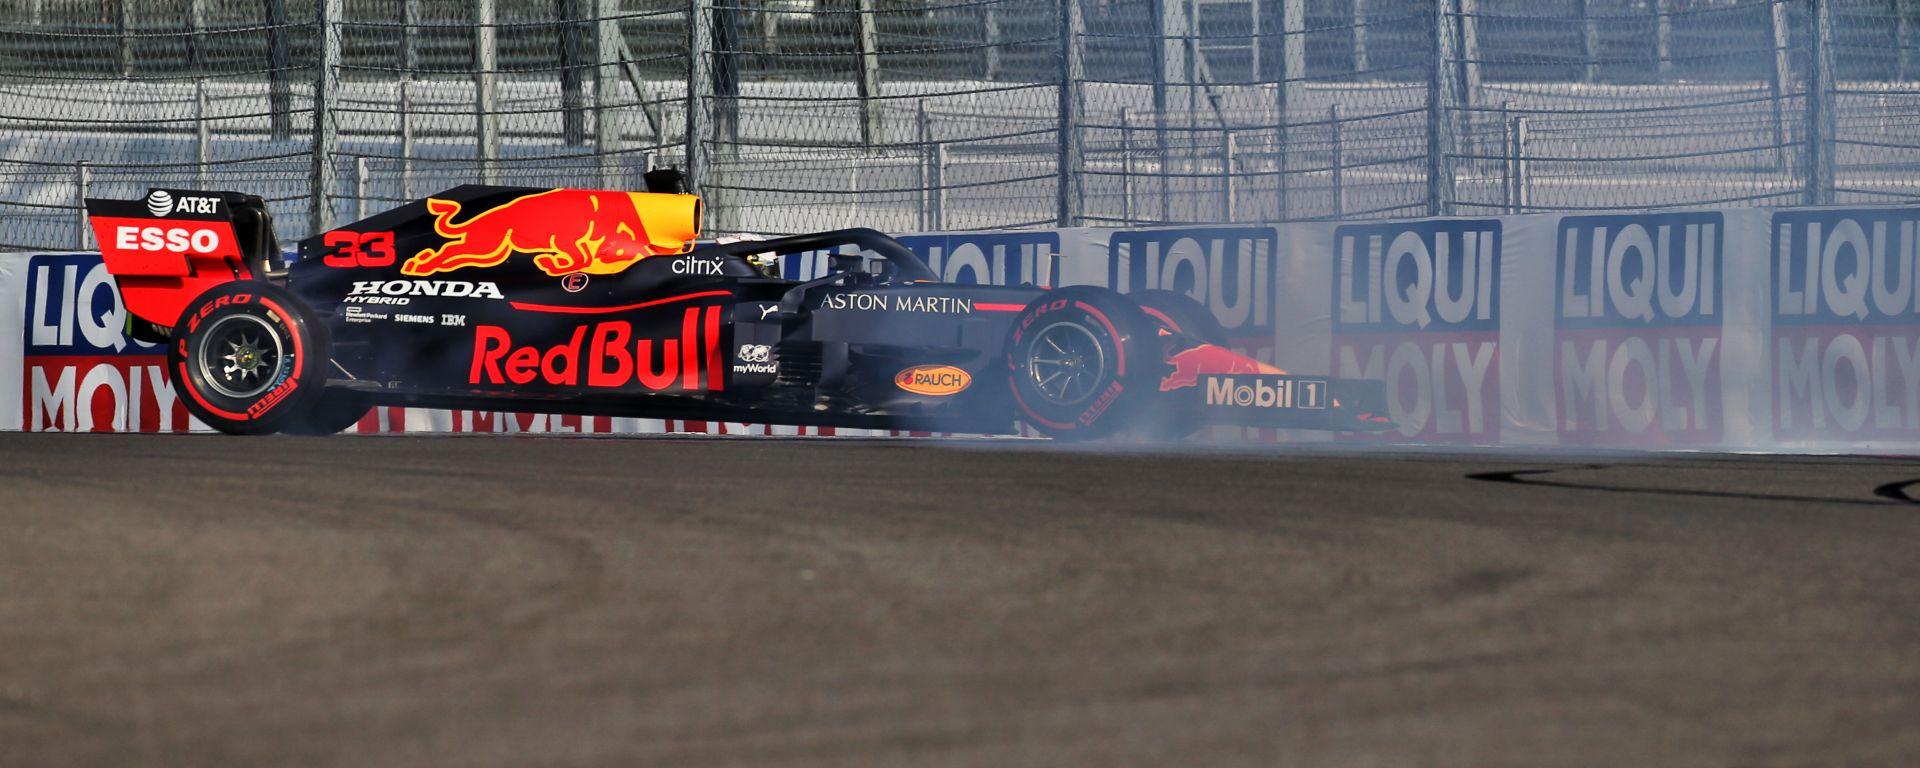 F1 GP Russia 2020, Sochi: il testacoda di Max Verstappen (Red Bull) nelle PL2